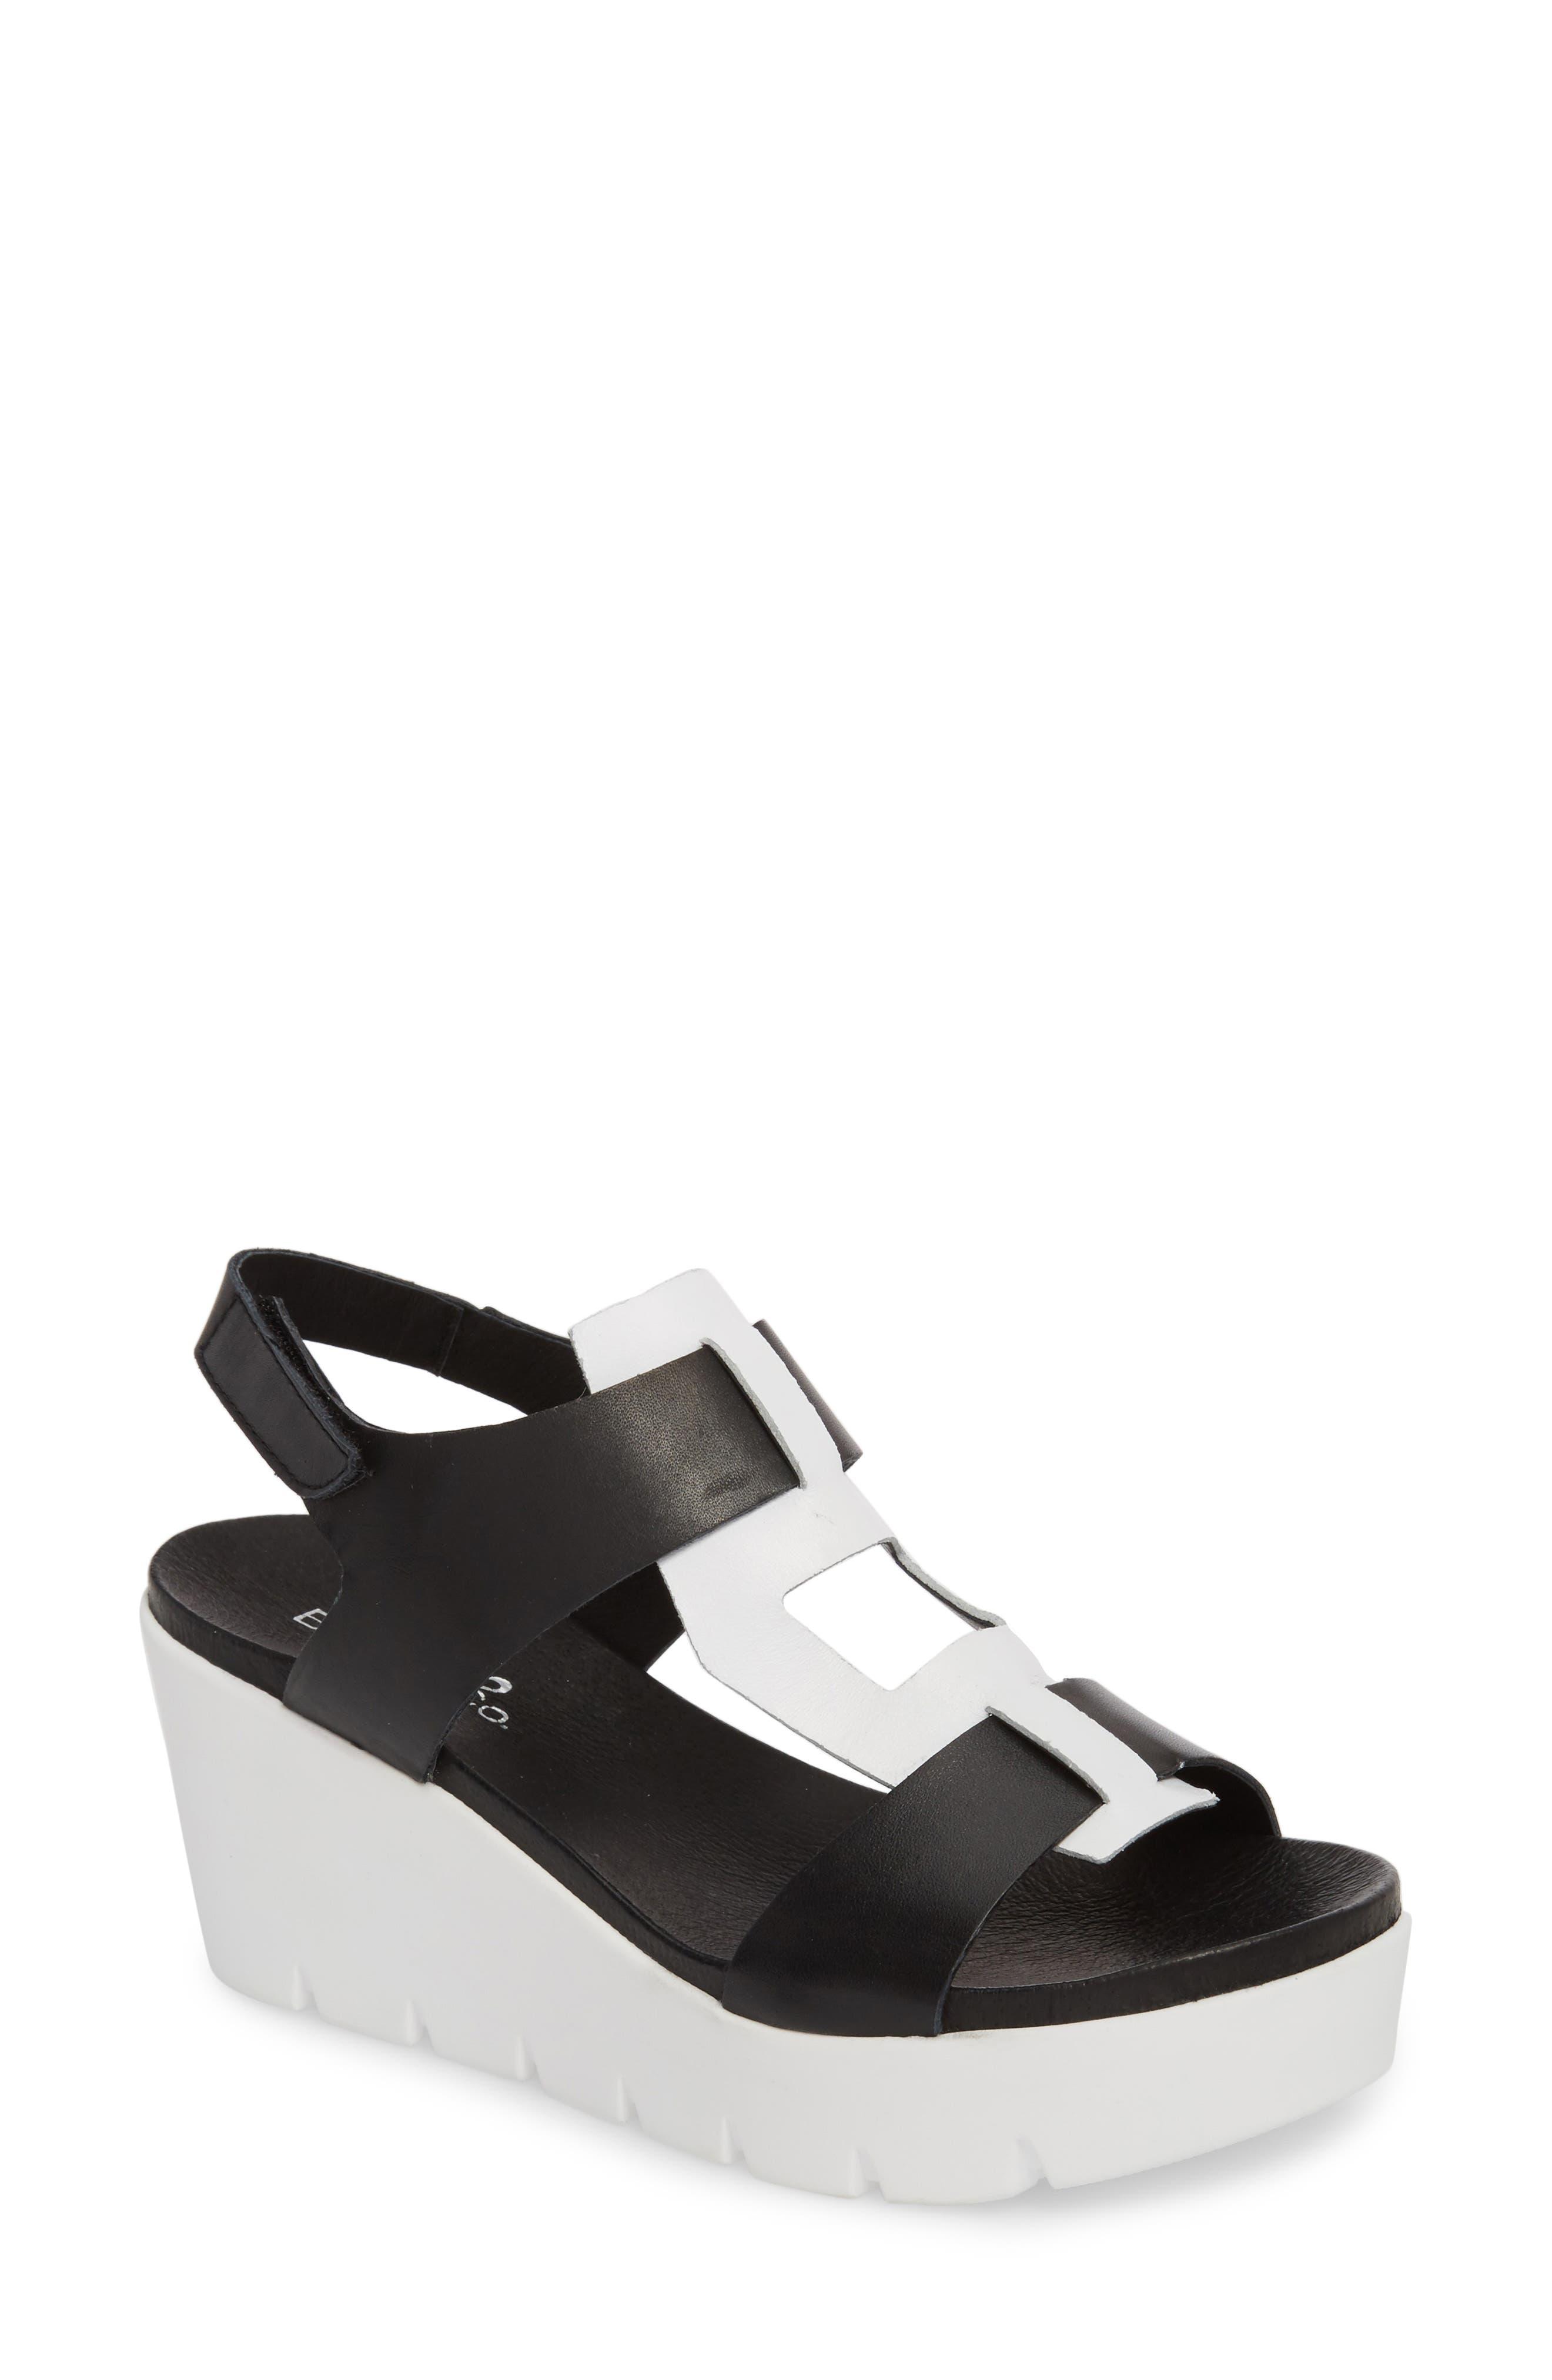 Bos. & Co. Somo Platform Wedge Sandal